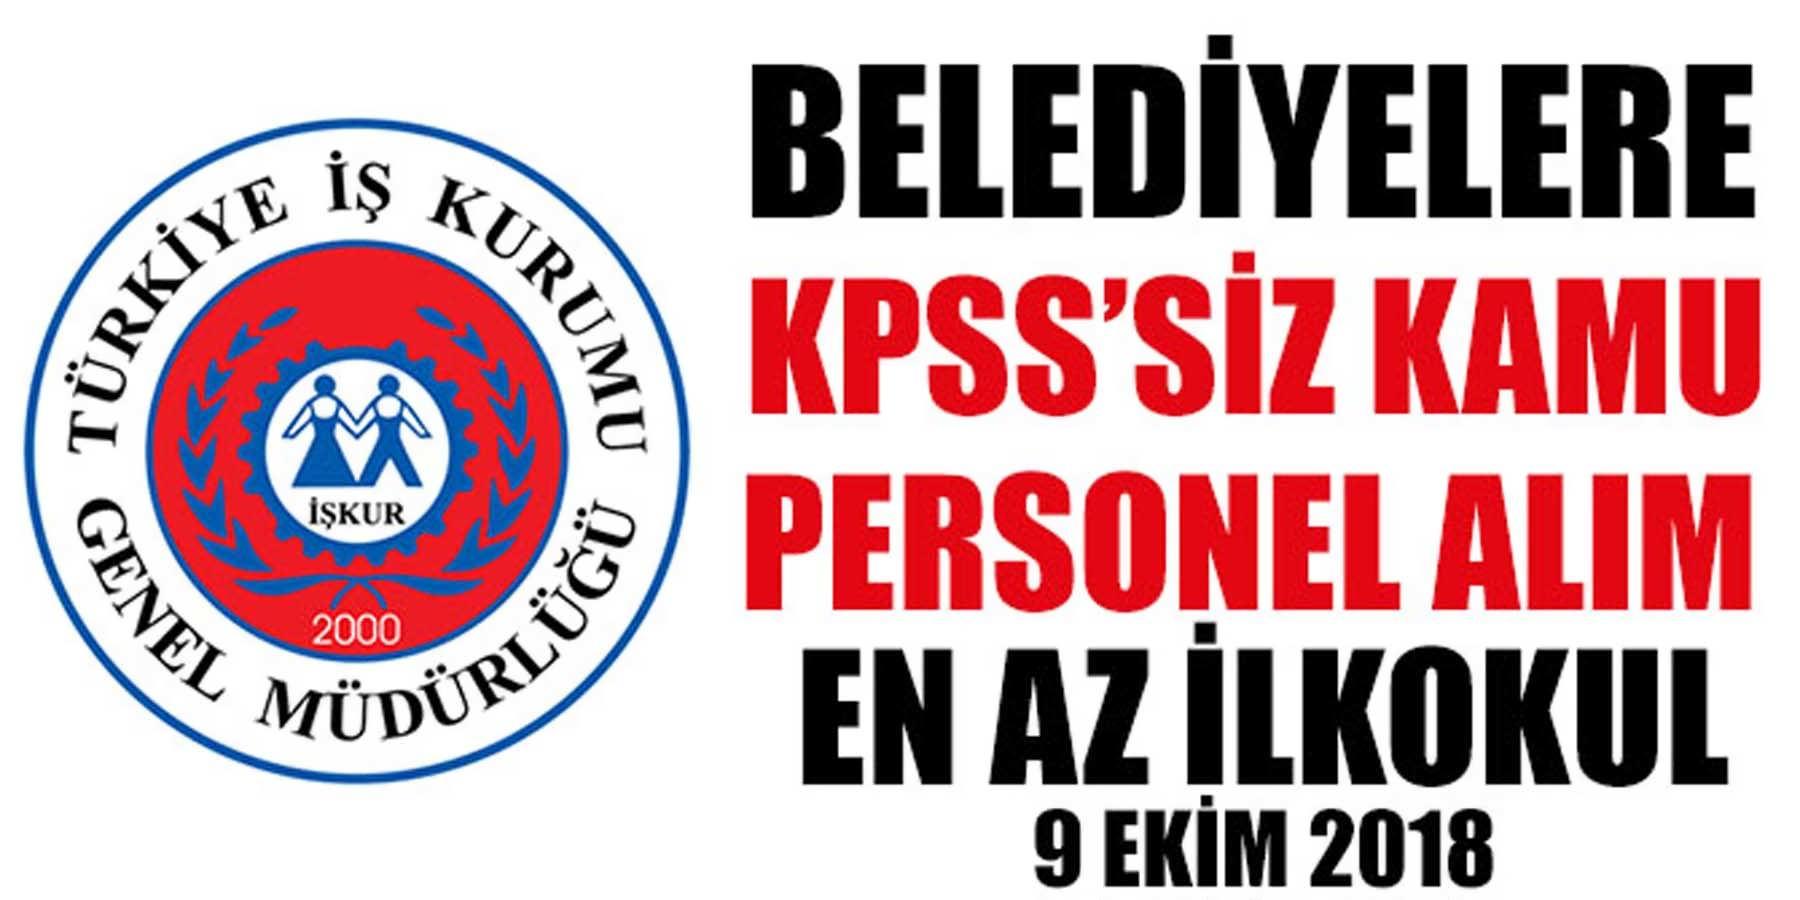 İŞKUR Belediyelere KPSS'Siz 9 Ekim 2018 Kamu Personeli Alımı